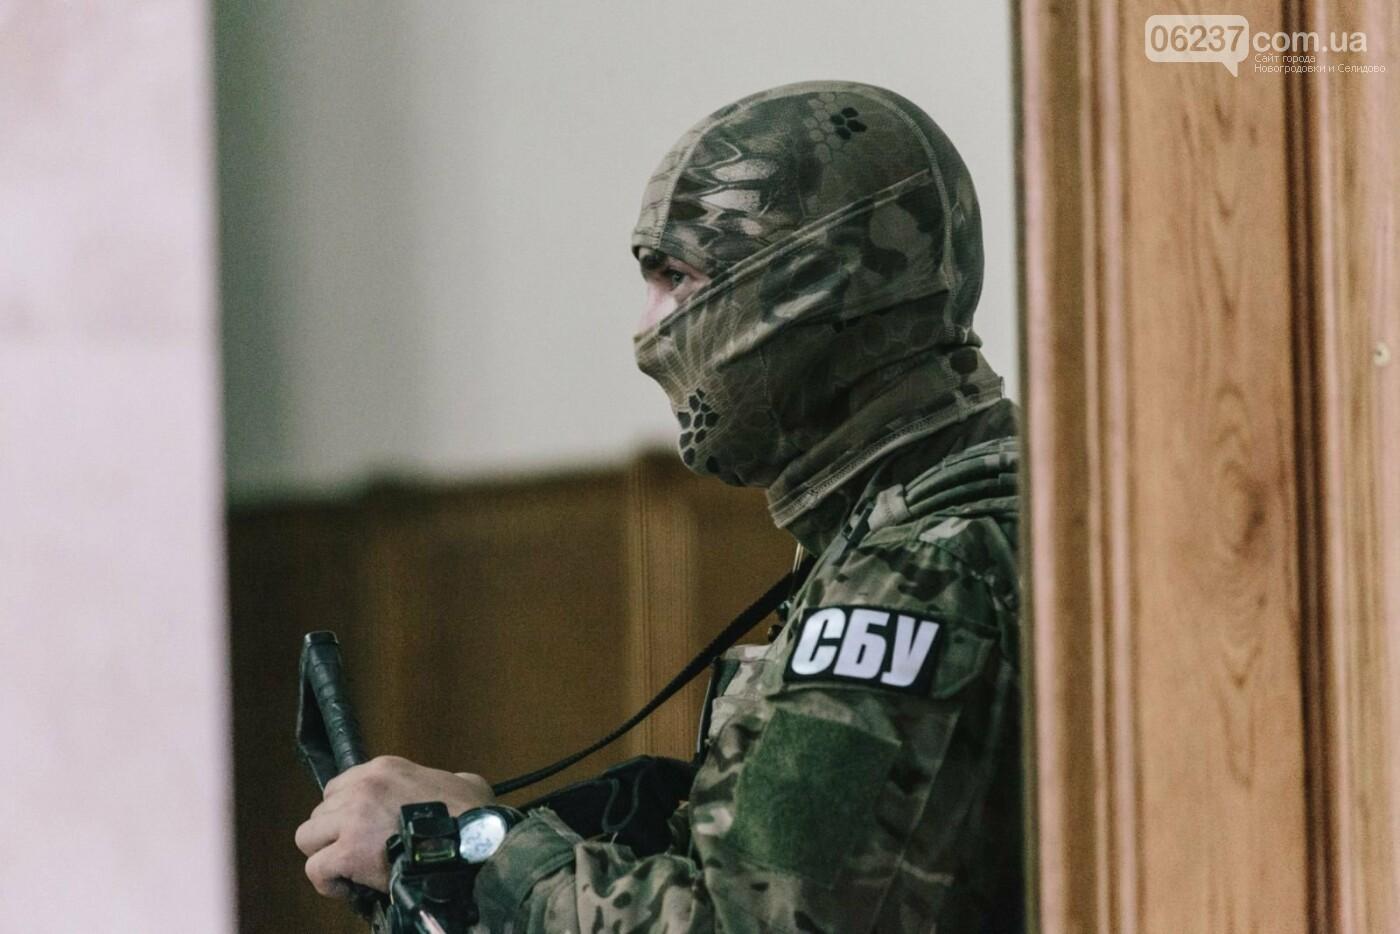 СБУ разоблачила на Львовщине военного пенсионера, шпионившего для спецслужб РФ, фото-1